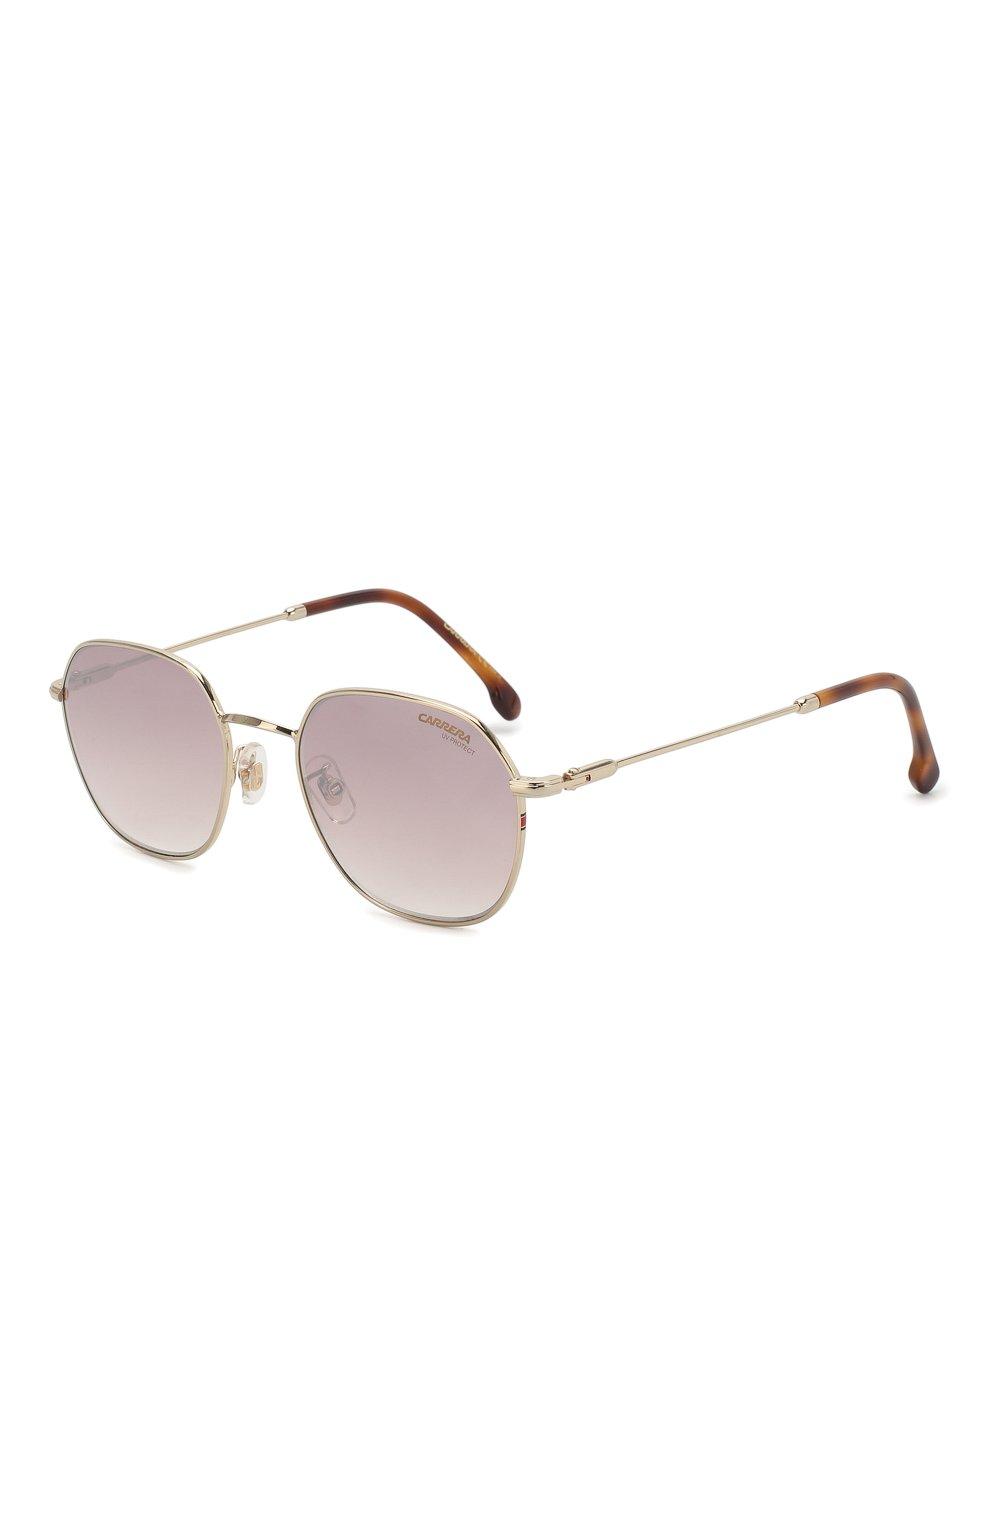 Женские солнцезащитные очки CARRERA серебряного цвета, арт. CARRERA 180/F 06J   Фото 1